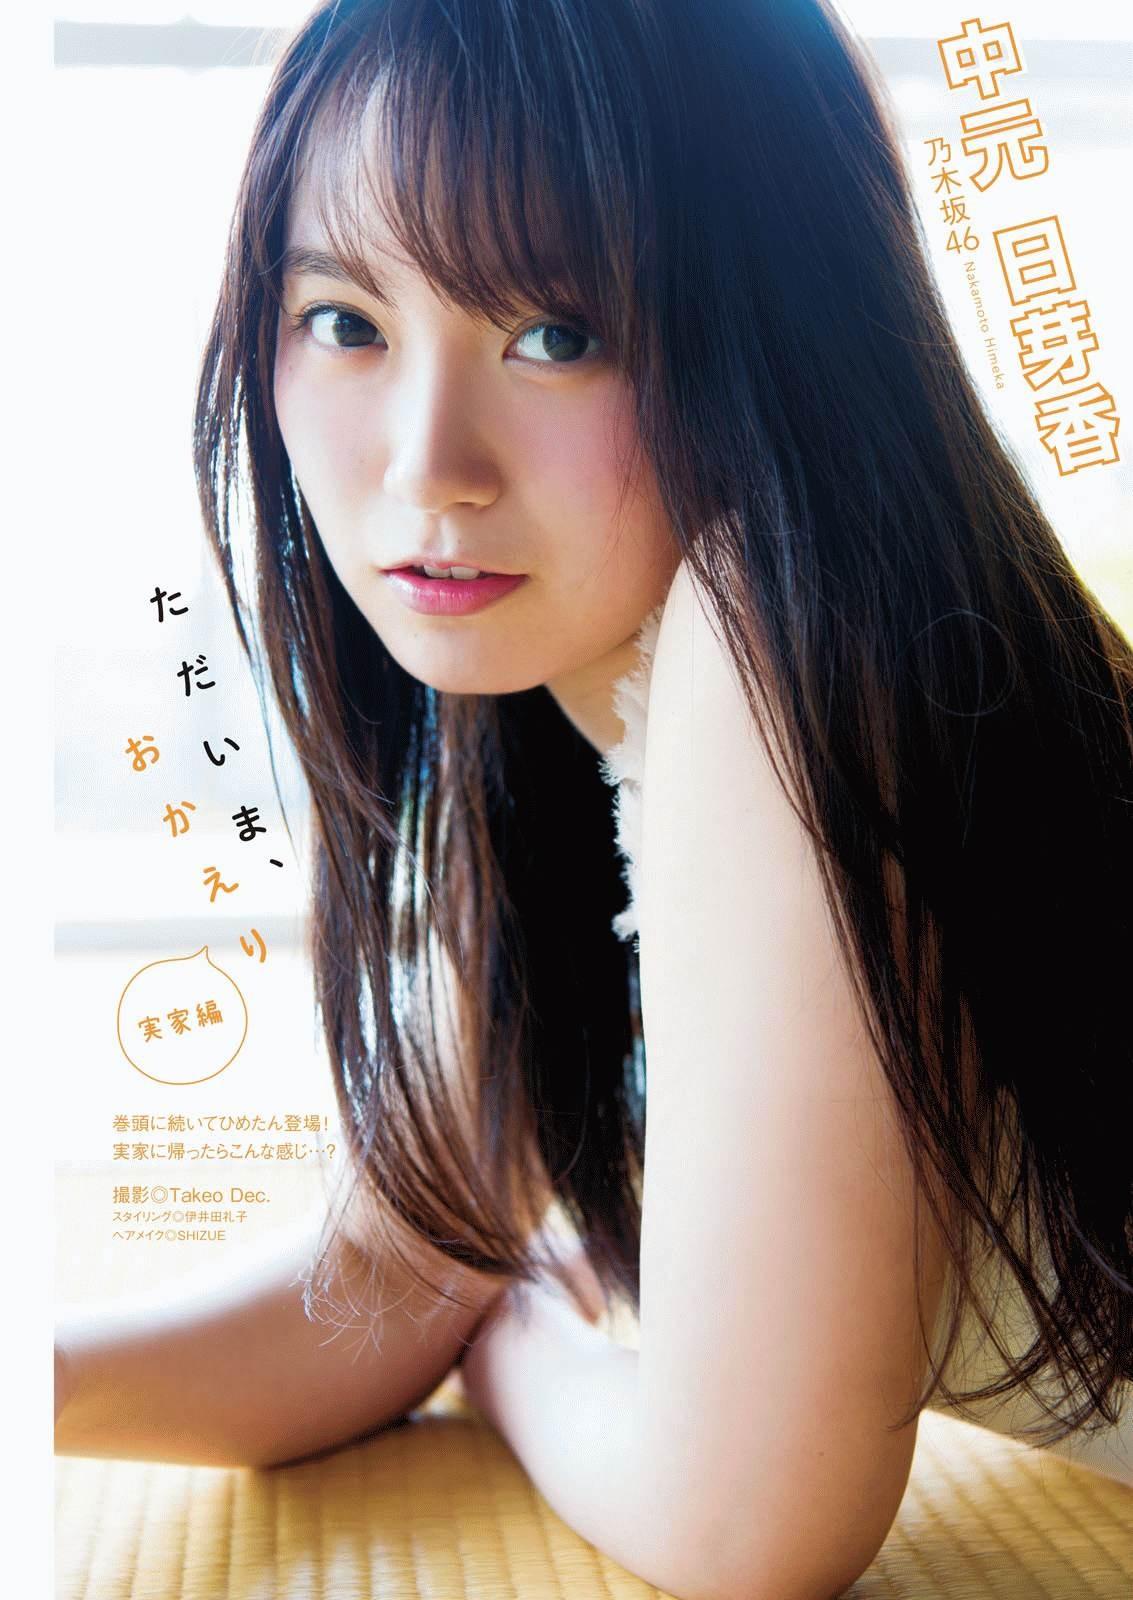 Nakamoto Himeka 中元日芽香 Nogizaka46, Manga Action 2017.06.20 No.12 (漫画アクション 2017年12号)